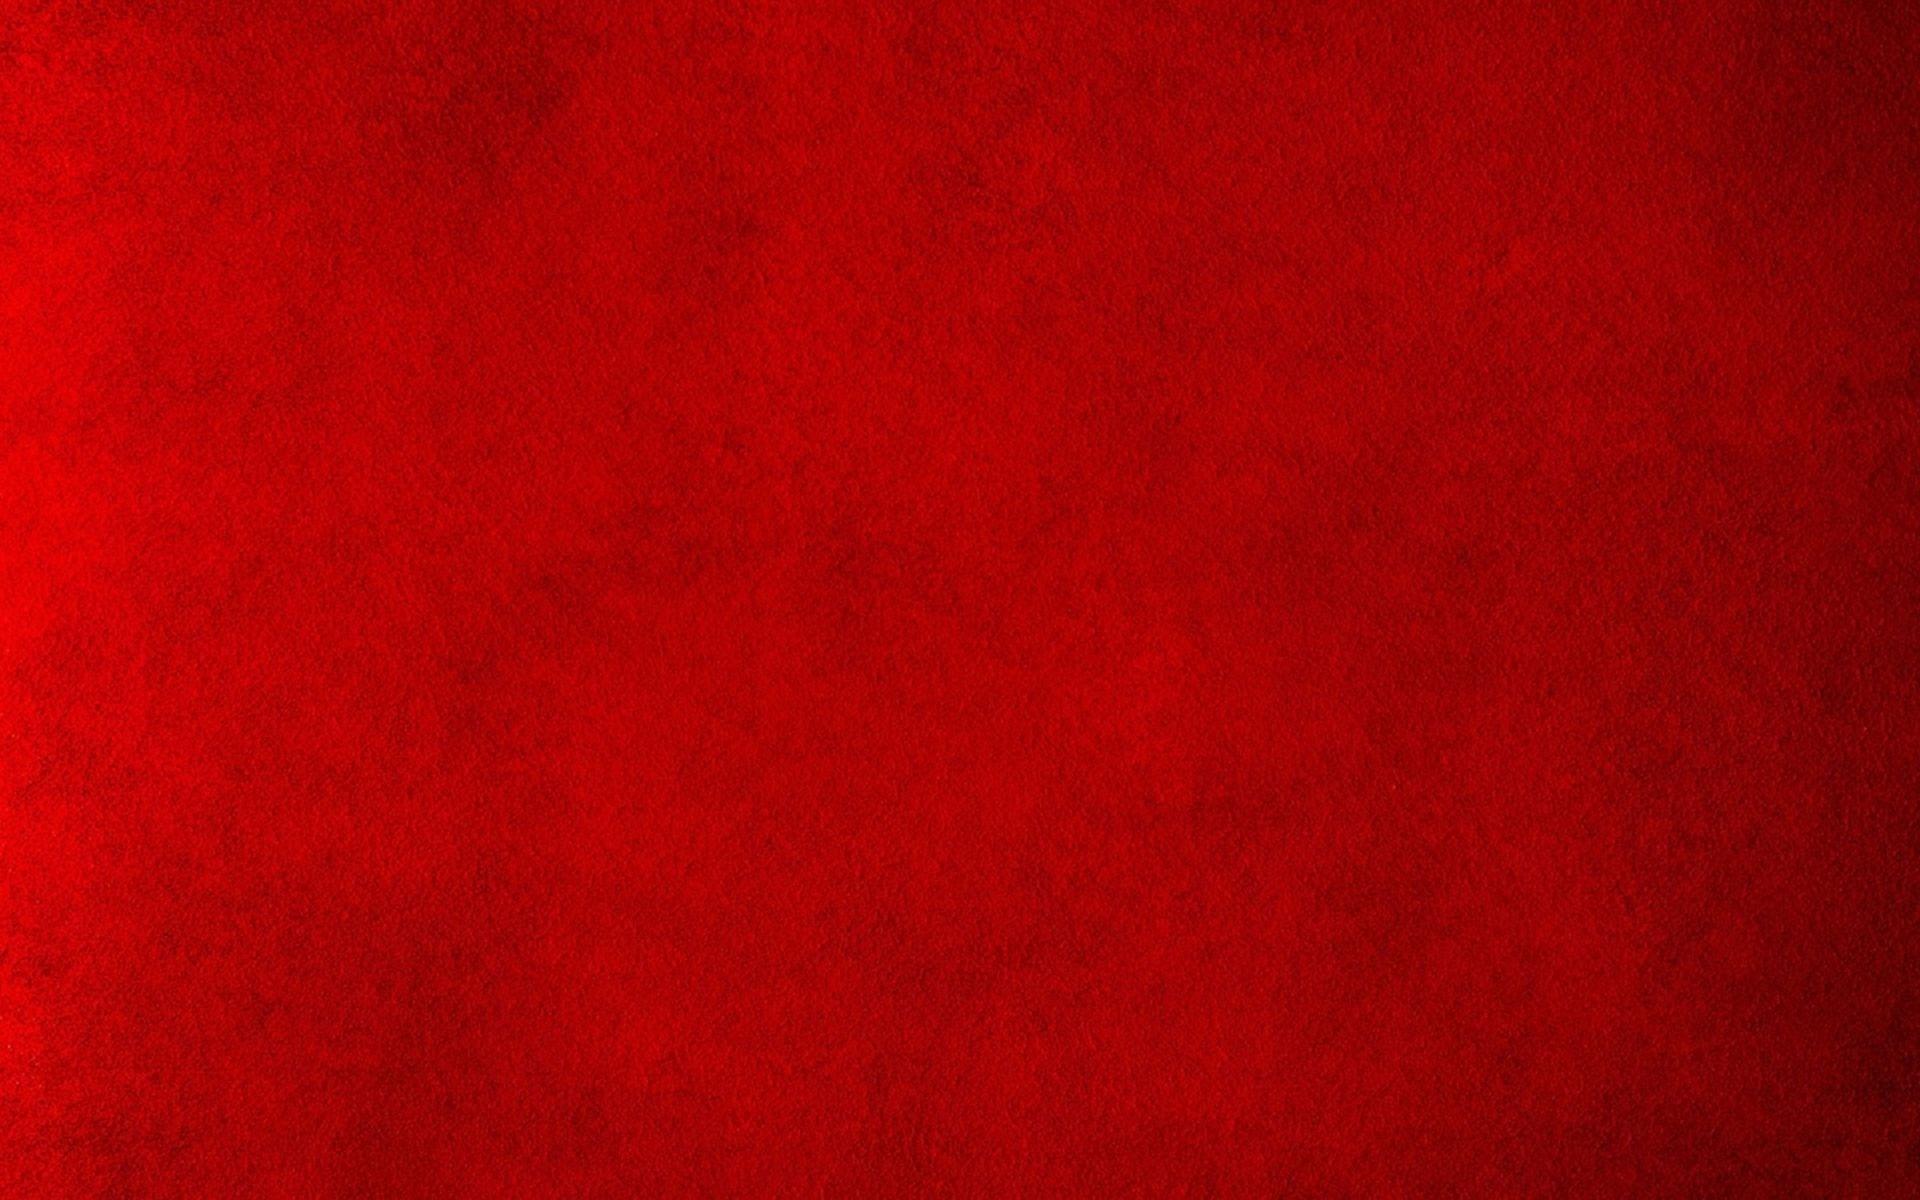 red wallpaper jkl | hd desktop background